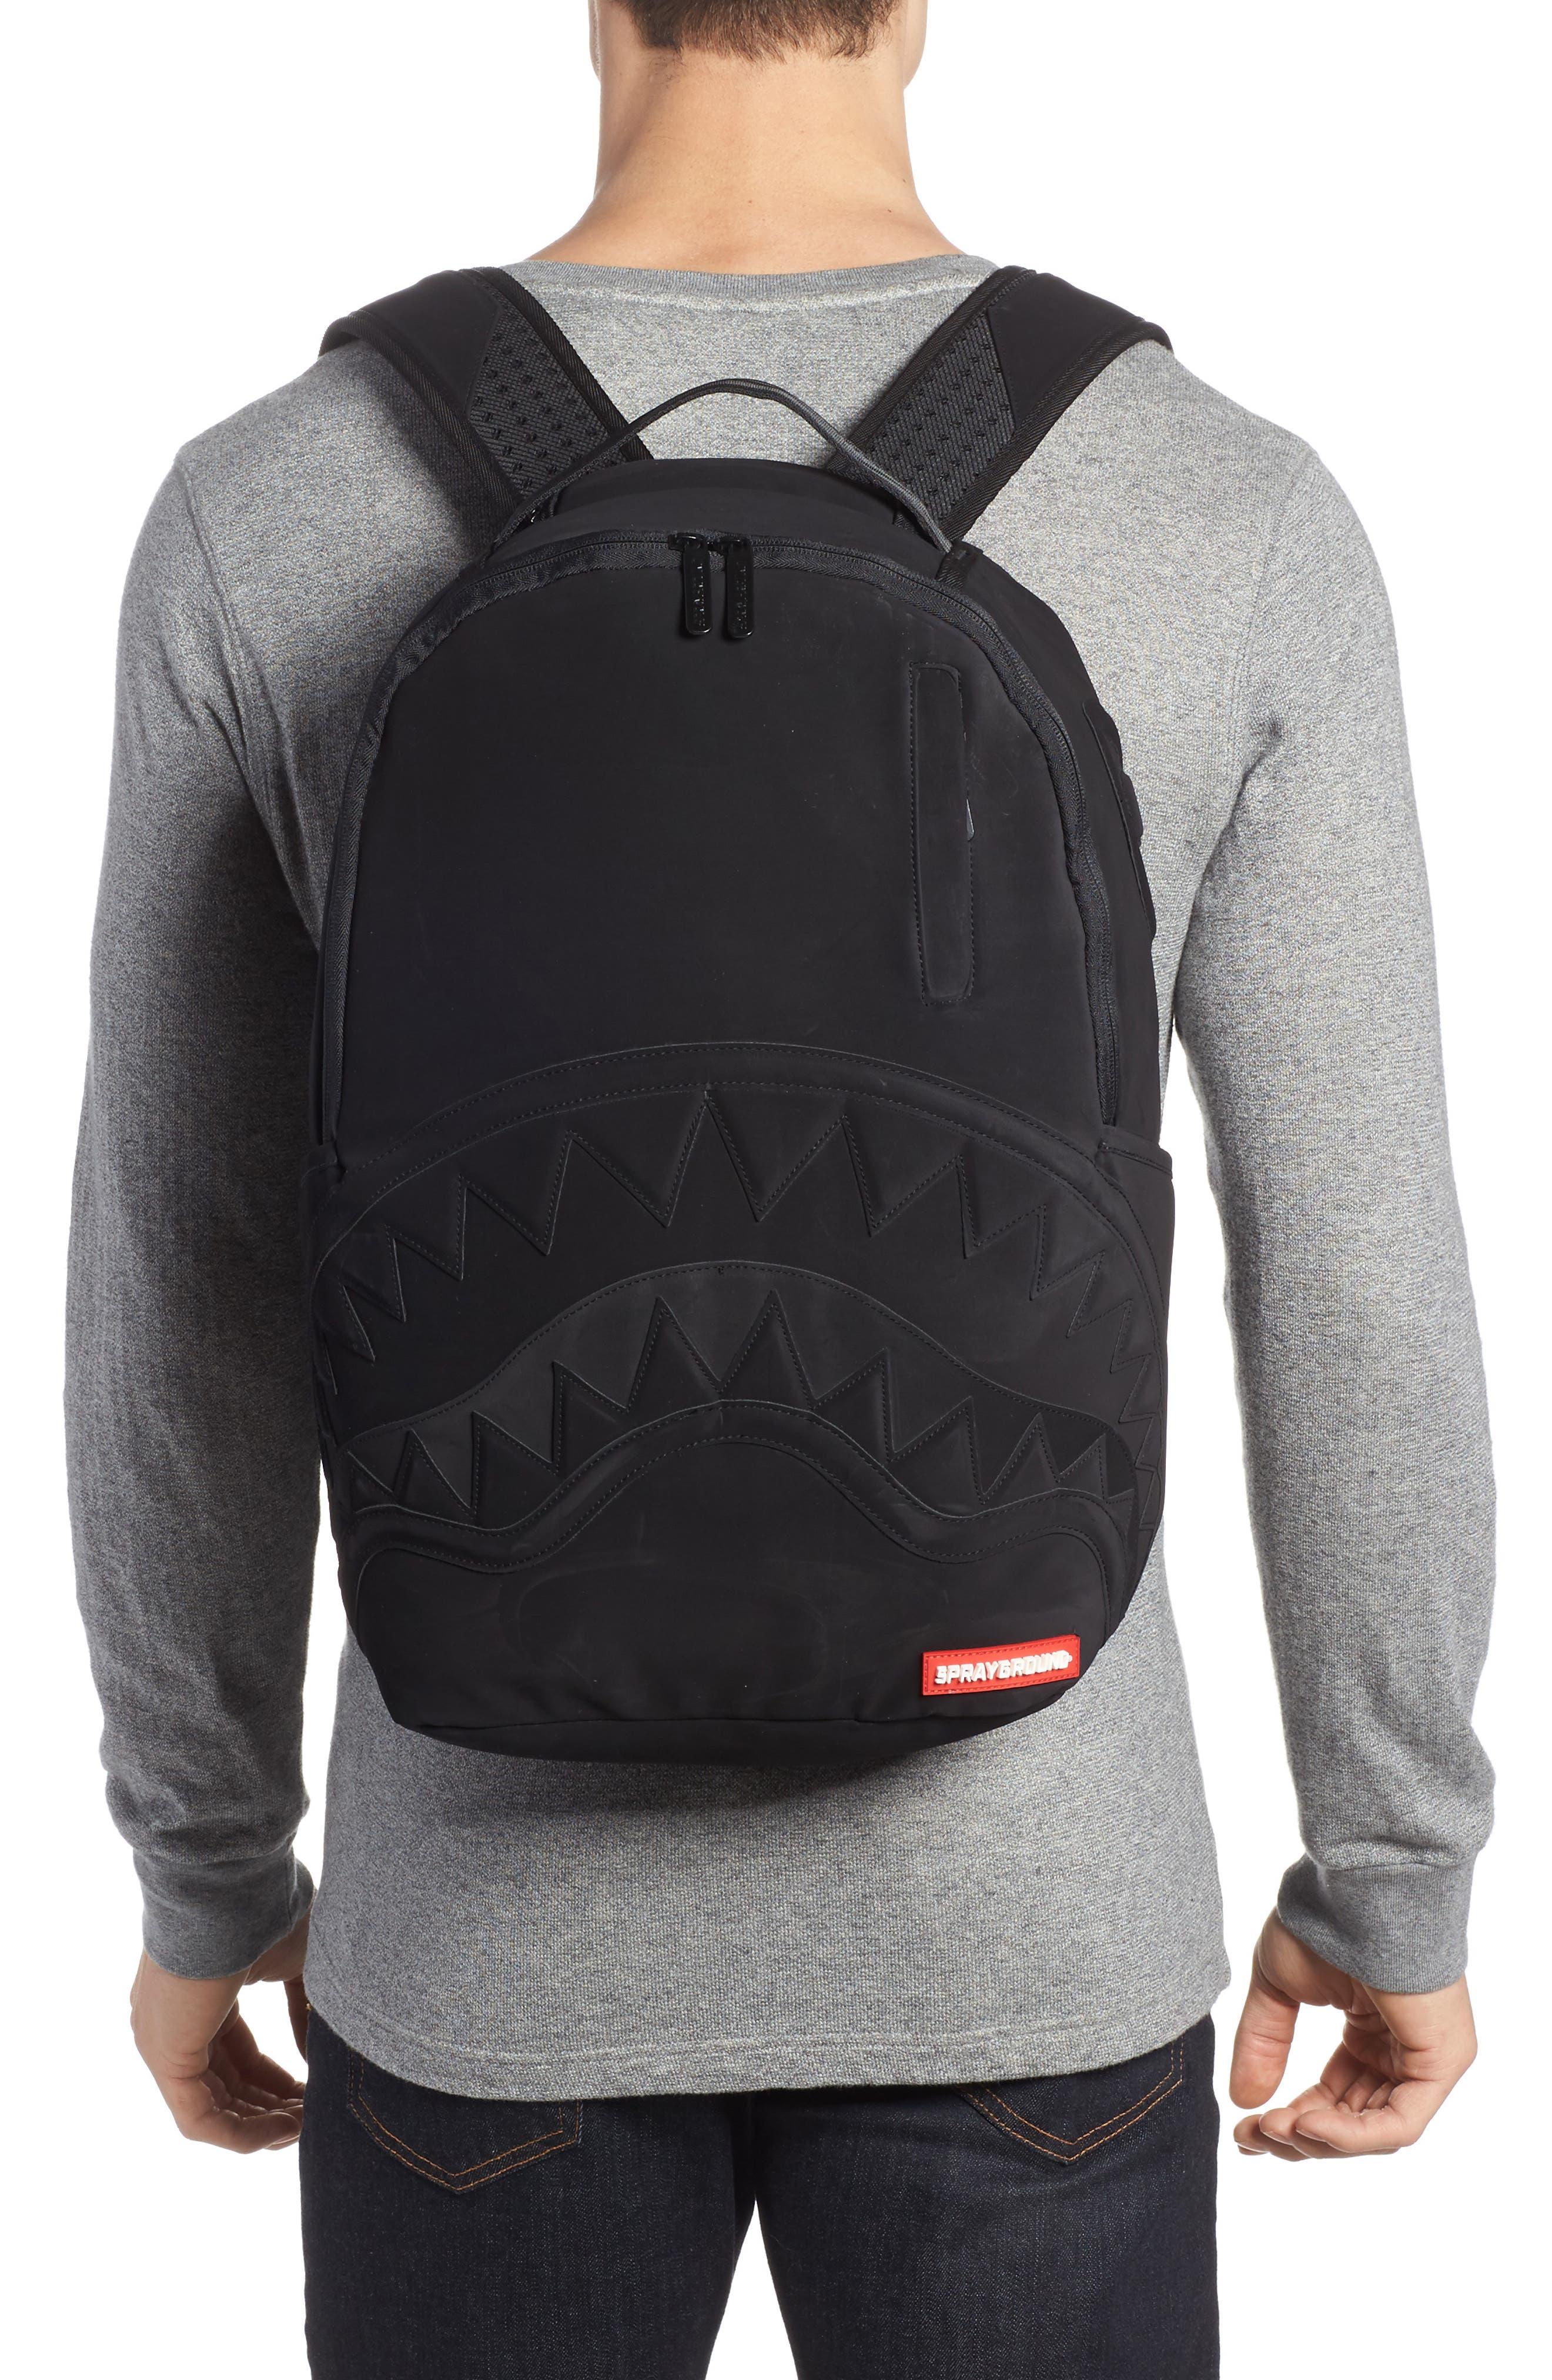 Ghost Shark Backpack,                             Alternate thumbnail 2, color,                             Black